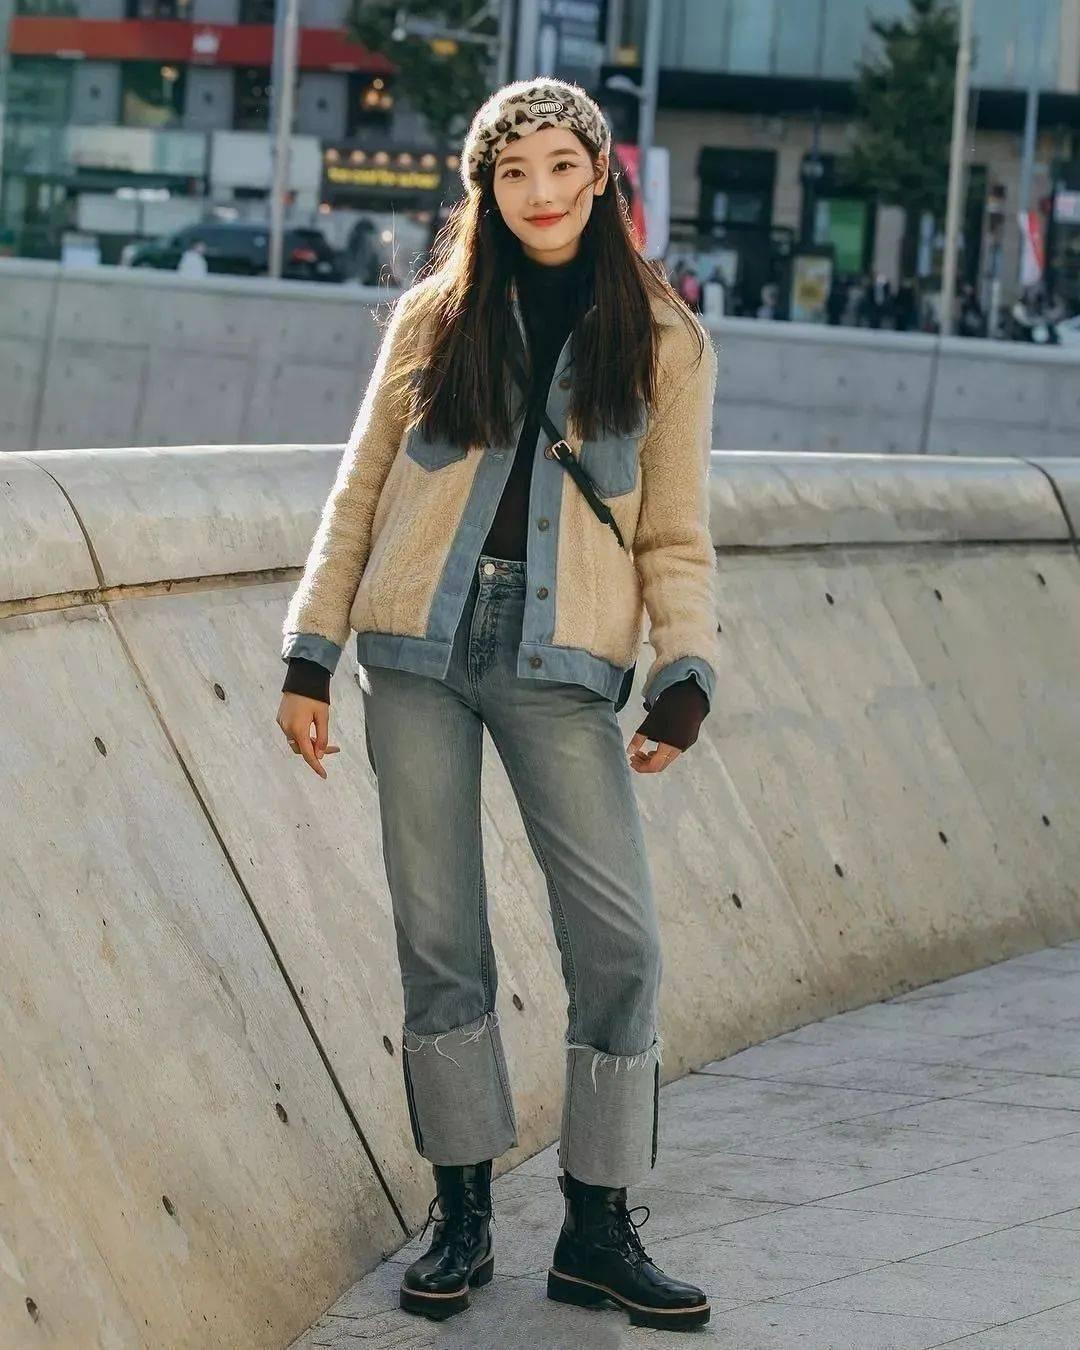 马丁靴+裙子,马丁靴+工装裤……又酷又撩,时髦炸了!     第37张